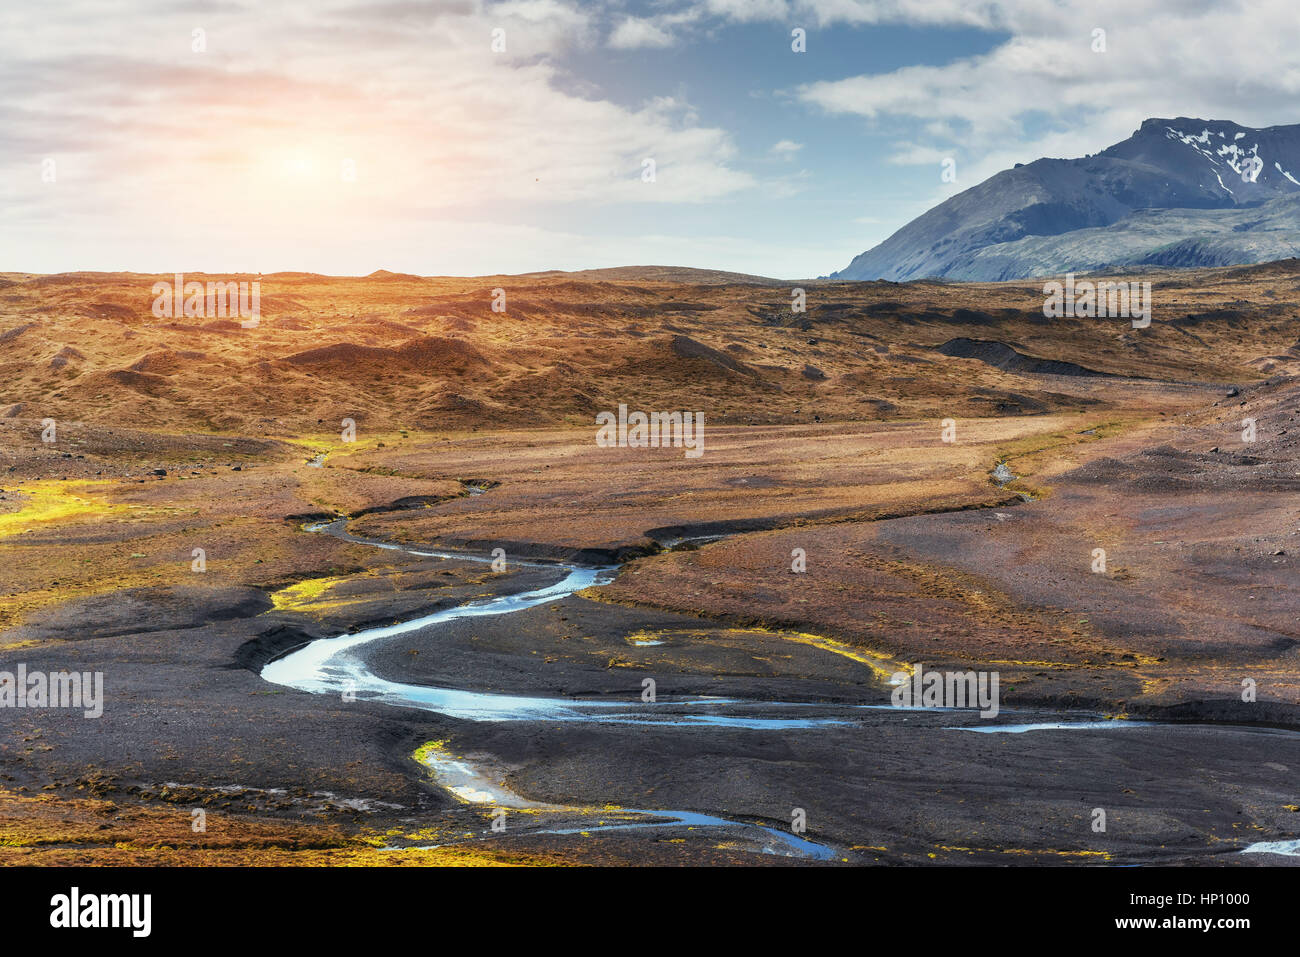 Il bellissimo paesaggio di montagne e fiumi in Islanda. Immagini Stock